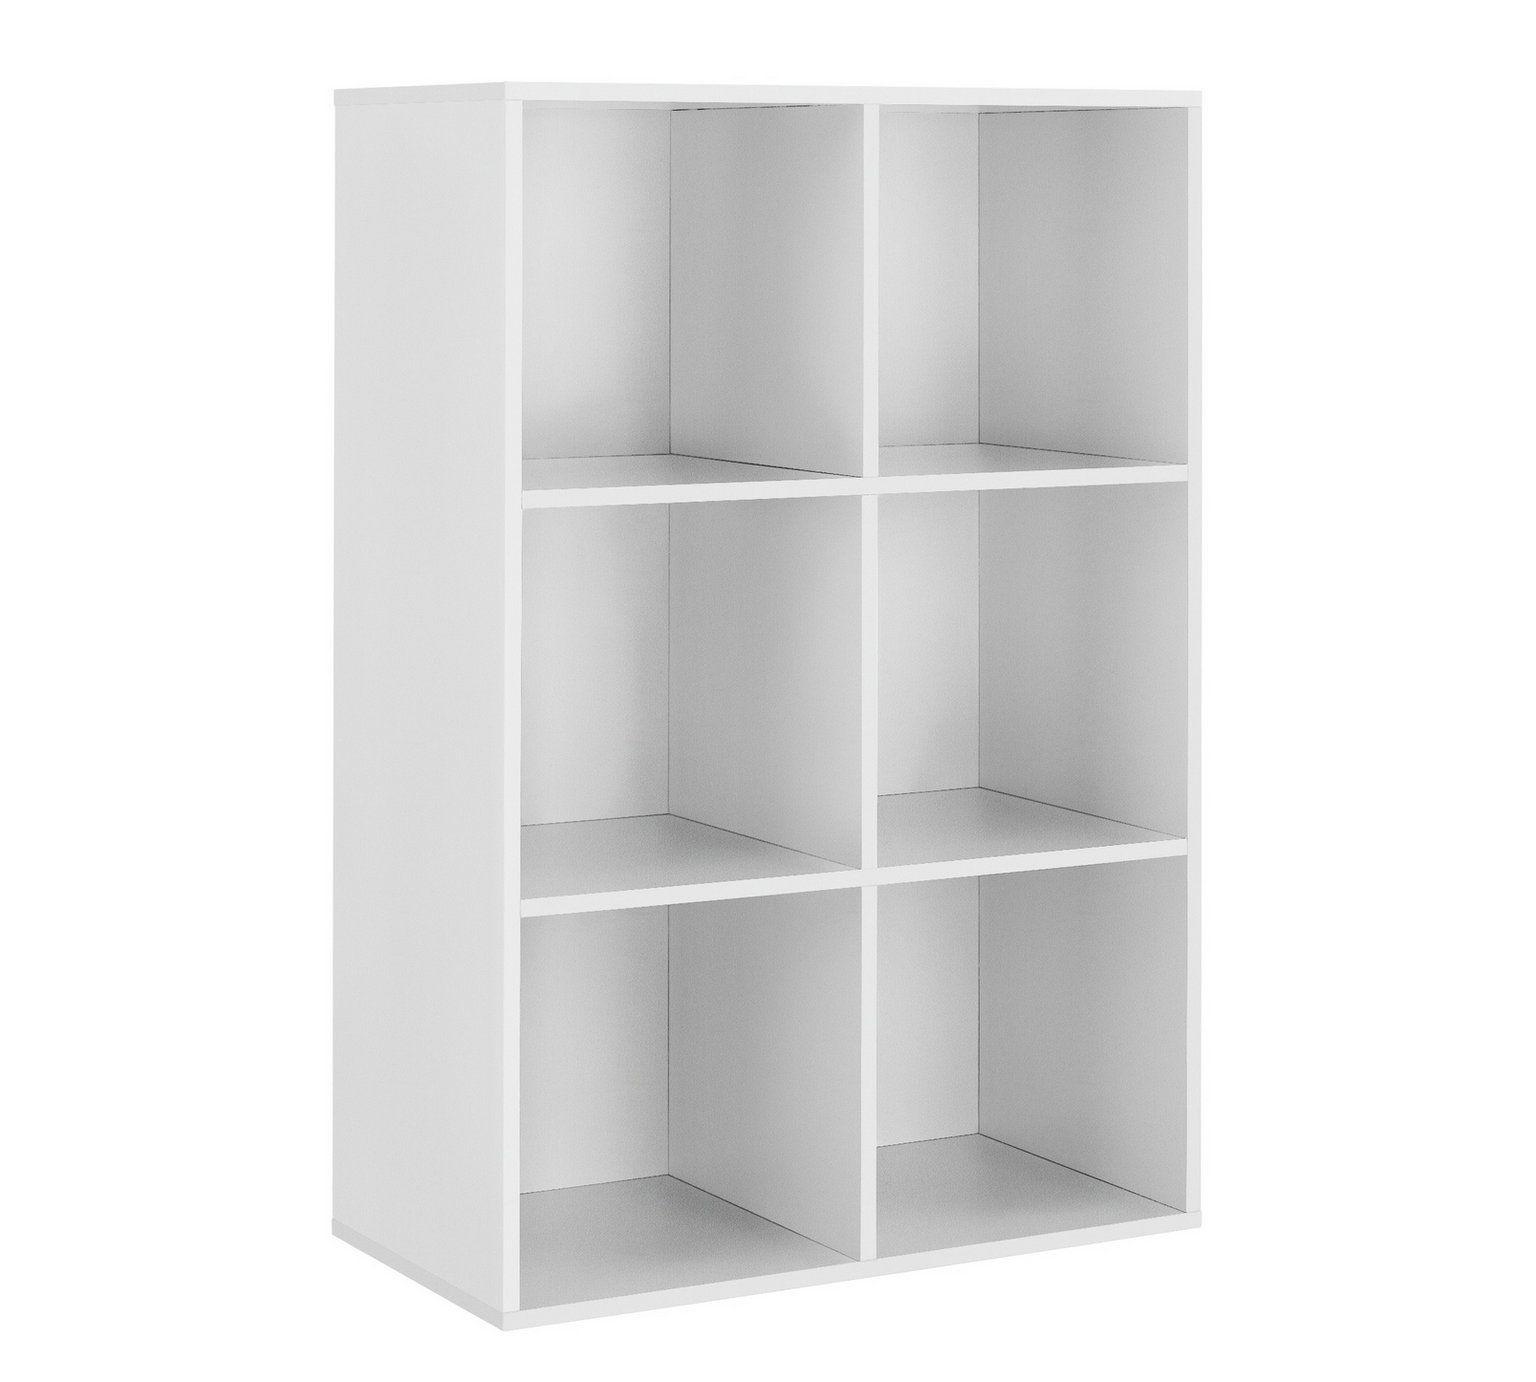 30+ Bedroom storage boxes argos info cpns terbaru